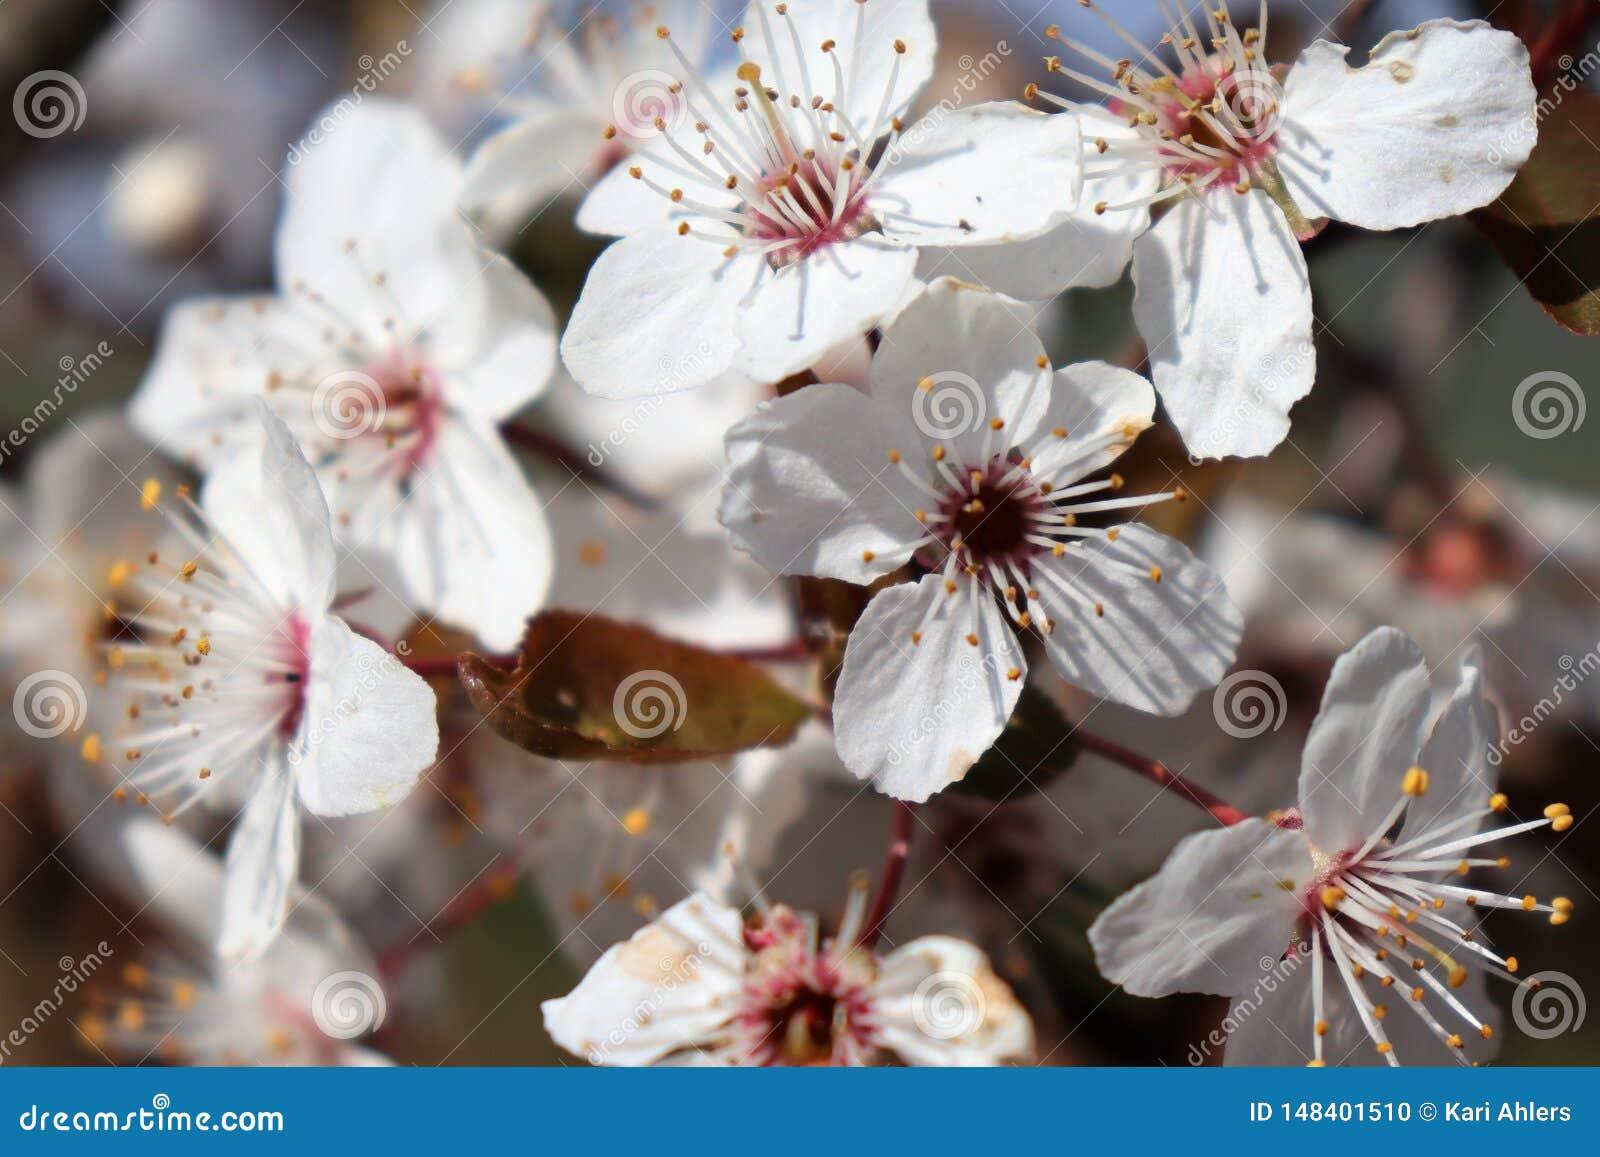 Nahaufnahme von mehrfachen Staubgef?ssen auf einer wei?en Blume, die im Fr?hjahr bl?ht